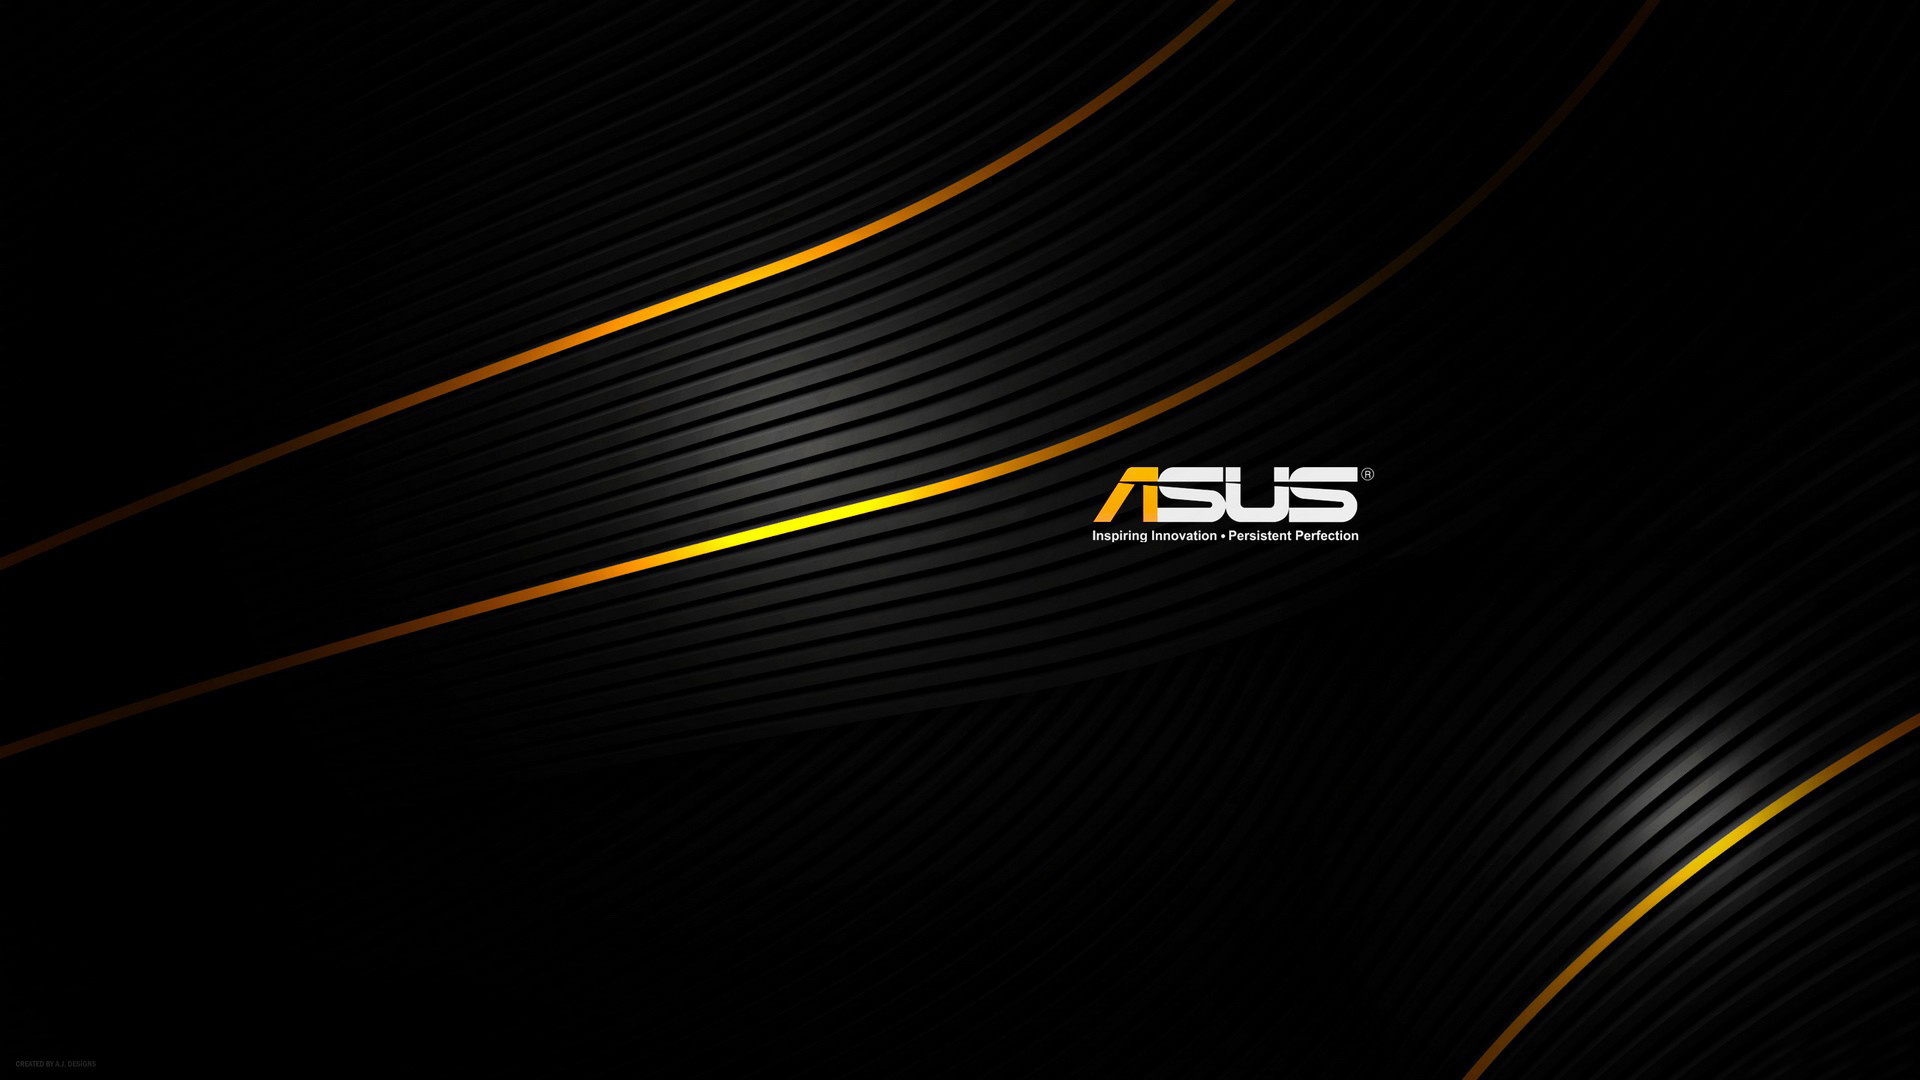 Красивые картинки Asus на рабочий стол 1920х1080 и 1366х768 - подборка 7